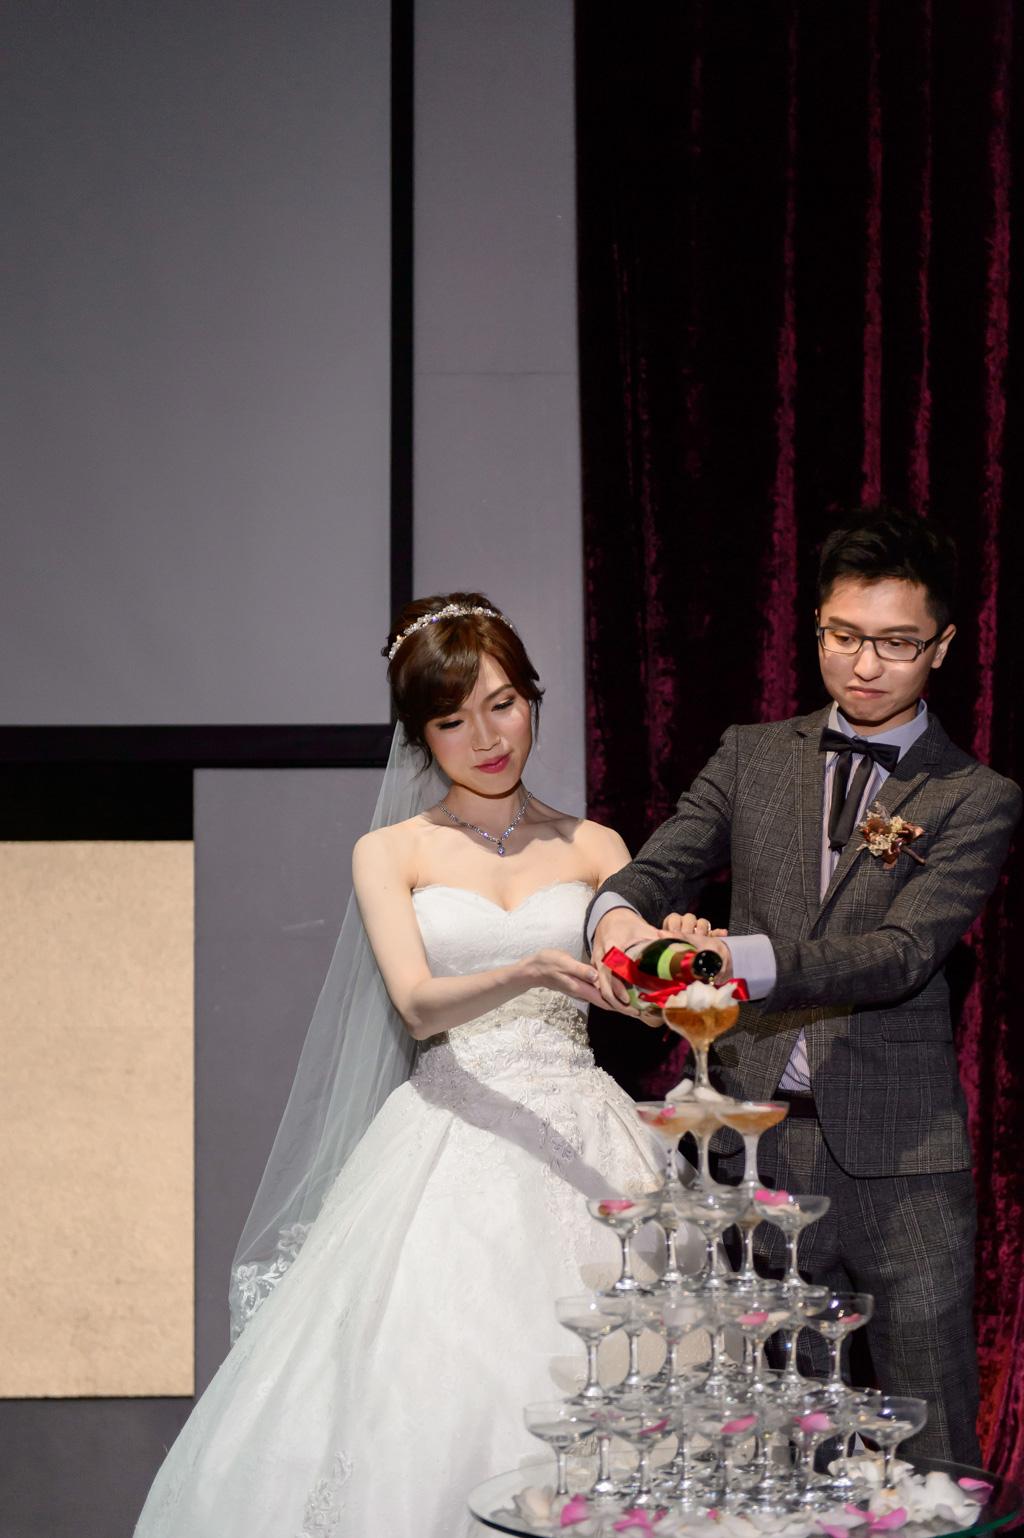 婚攝小勇, 小寶團隊, 綺色非凡彩妝造形工作室, 自助婚紗, 婚禮紀錄, 新竹喜來登,台北婚紗,wedding day-039